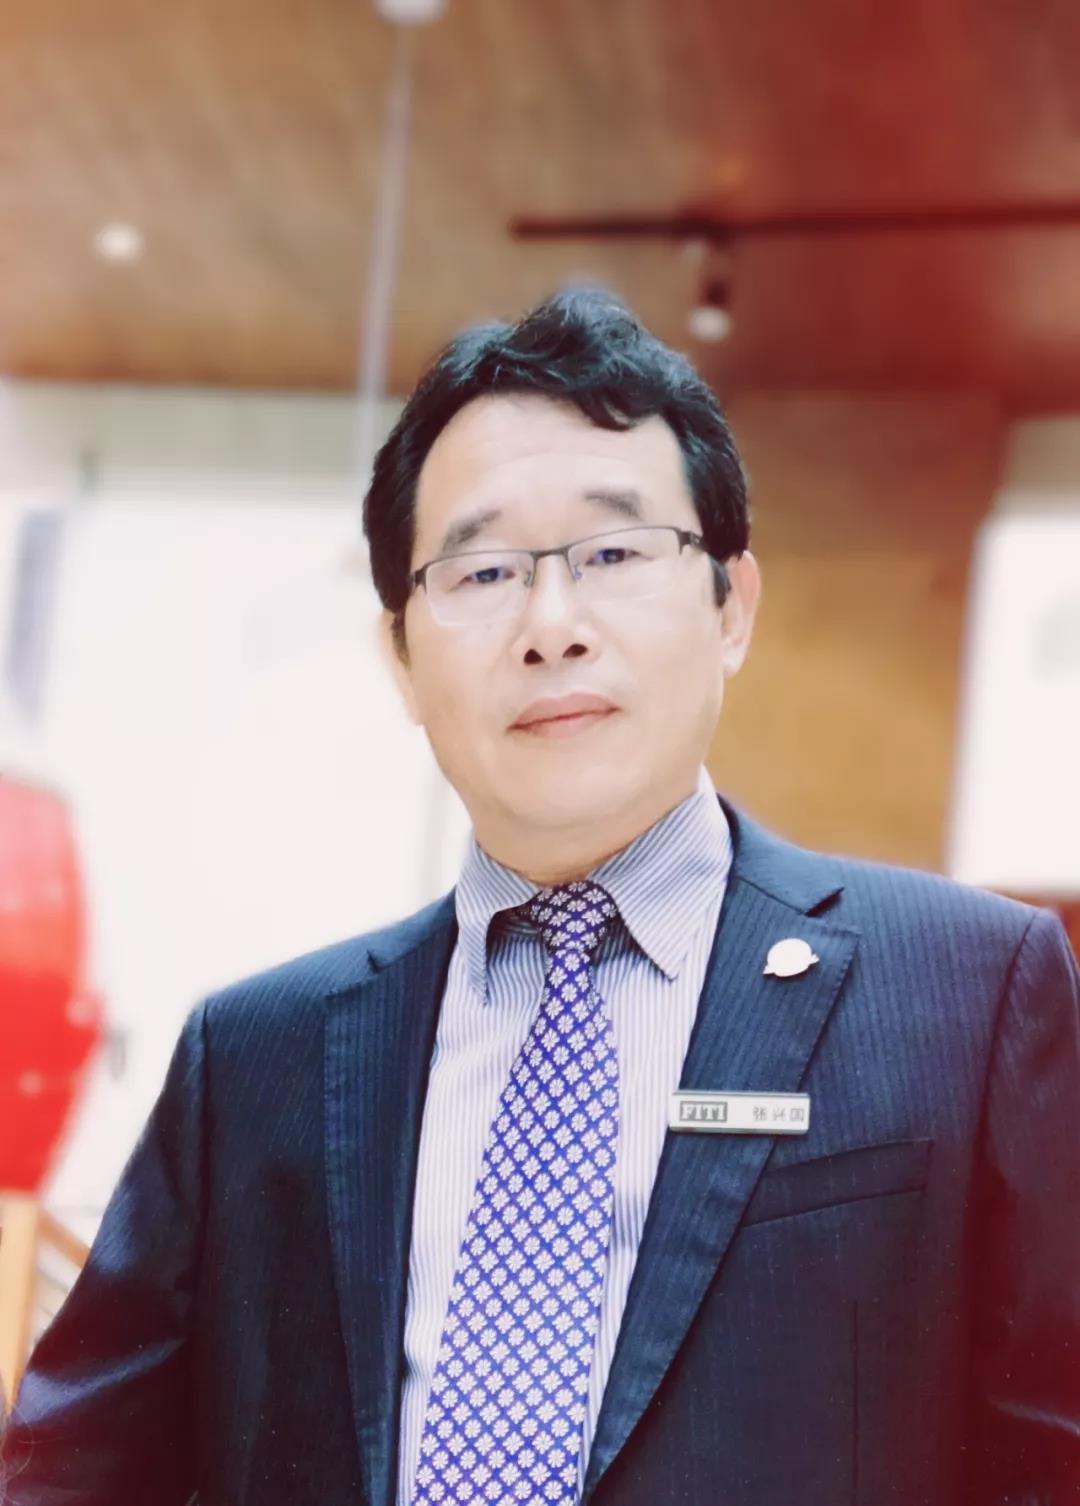 中国酒店科技联盟(CHTA)首席营运官、郑州大学SIAS信息学院院长张兴国